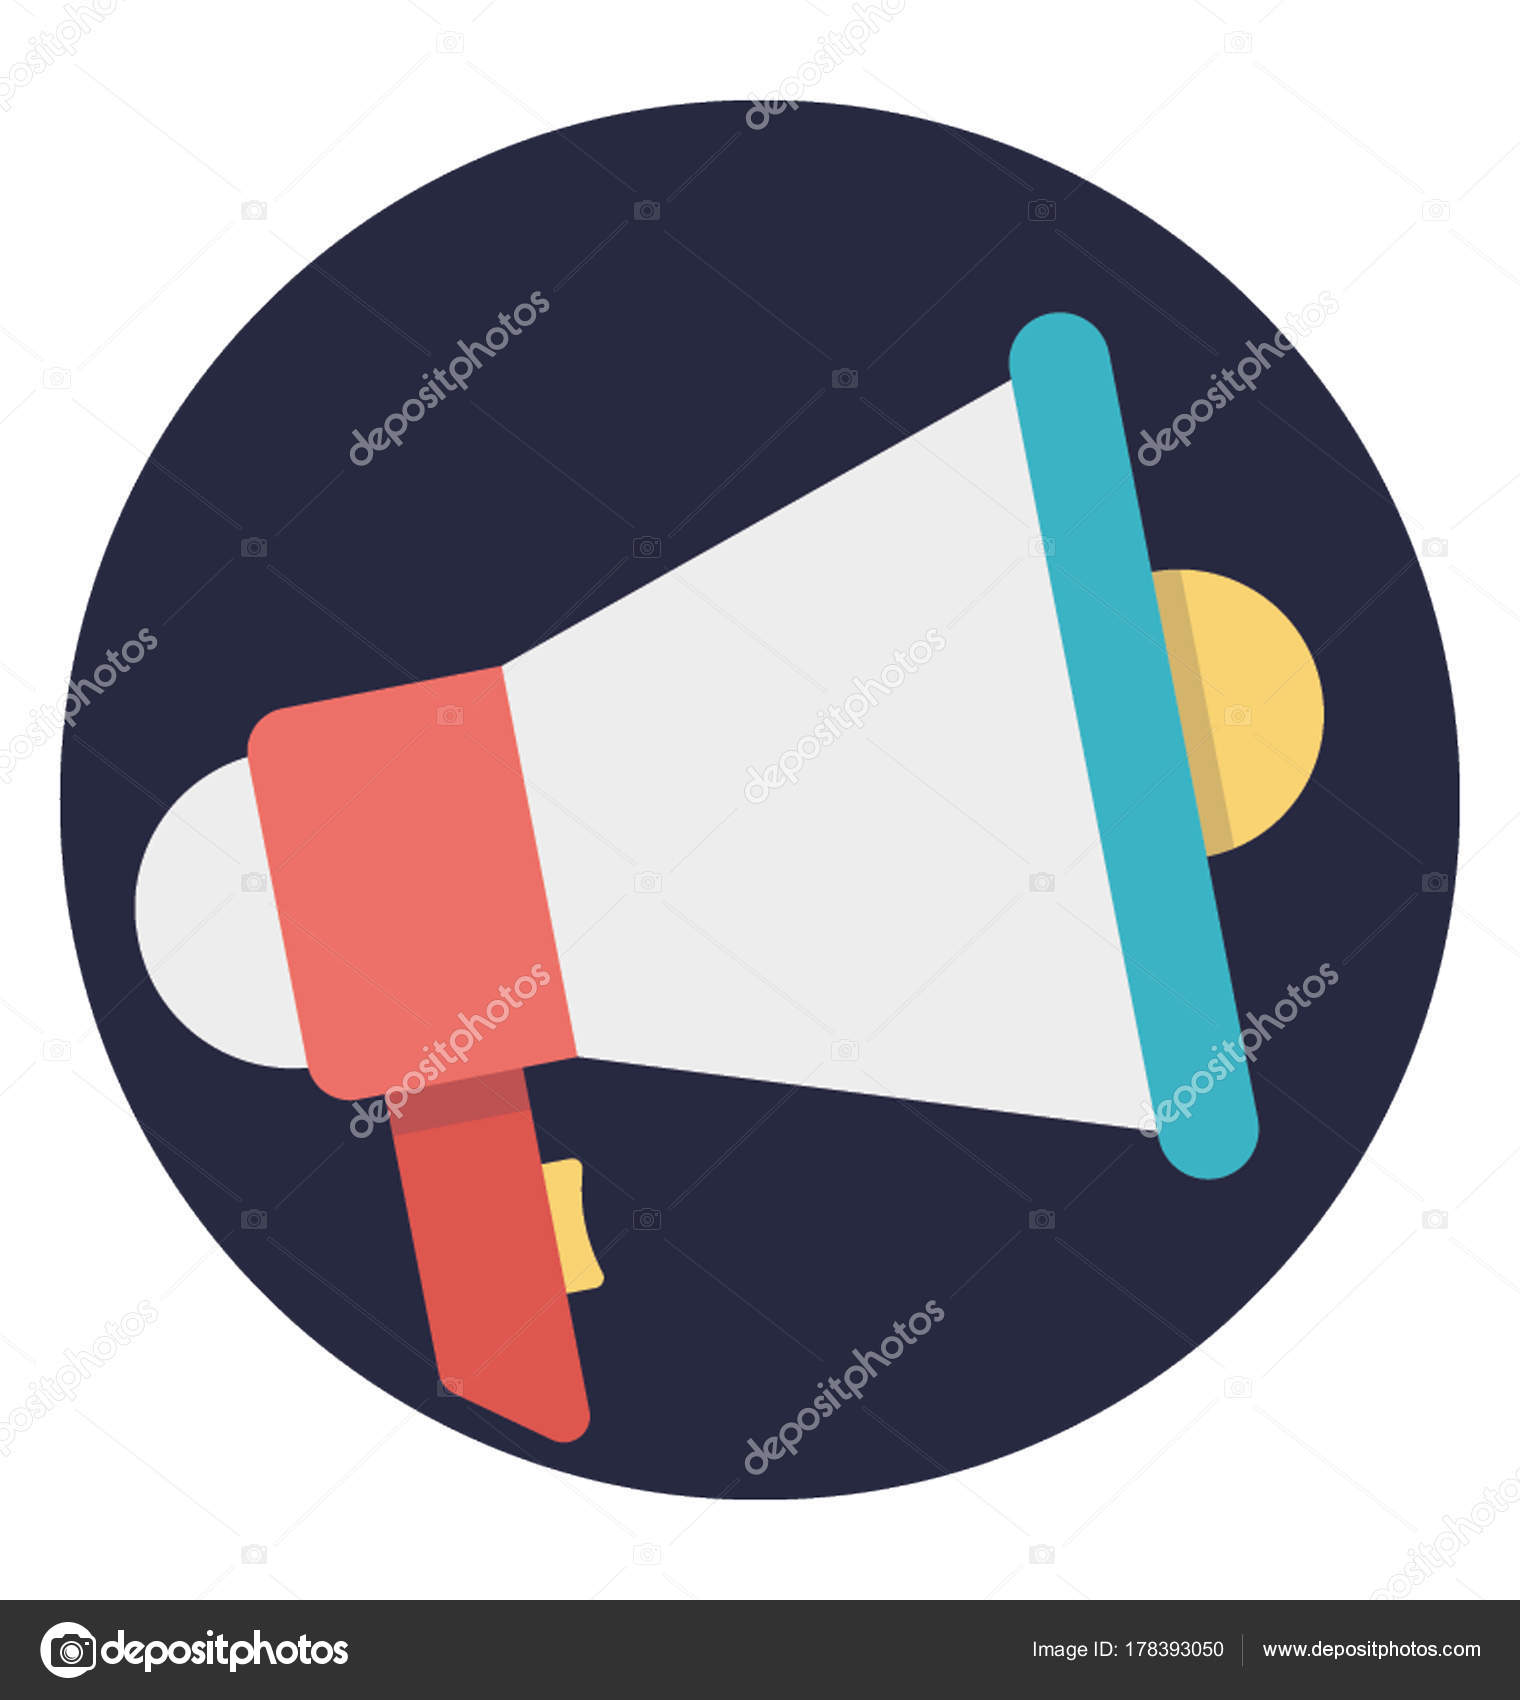 flat design loudspeaker vector icon symbol announcement stock vector c vectorsmarket 178393050 depositphotos